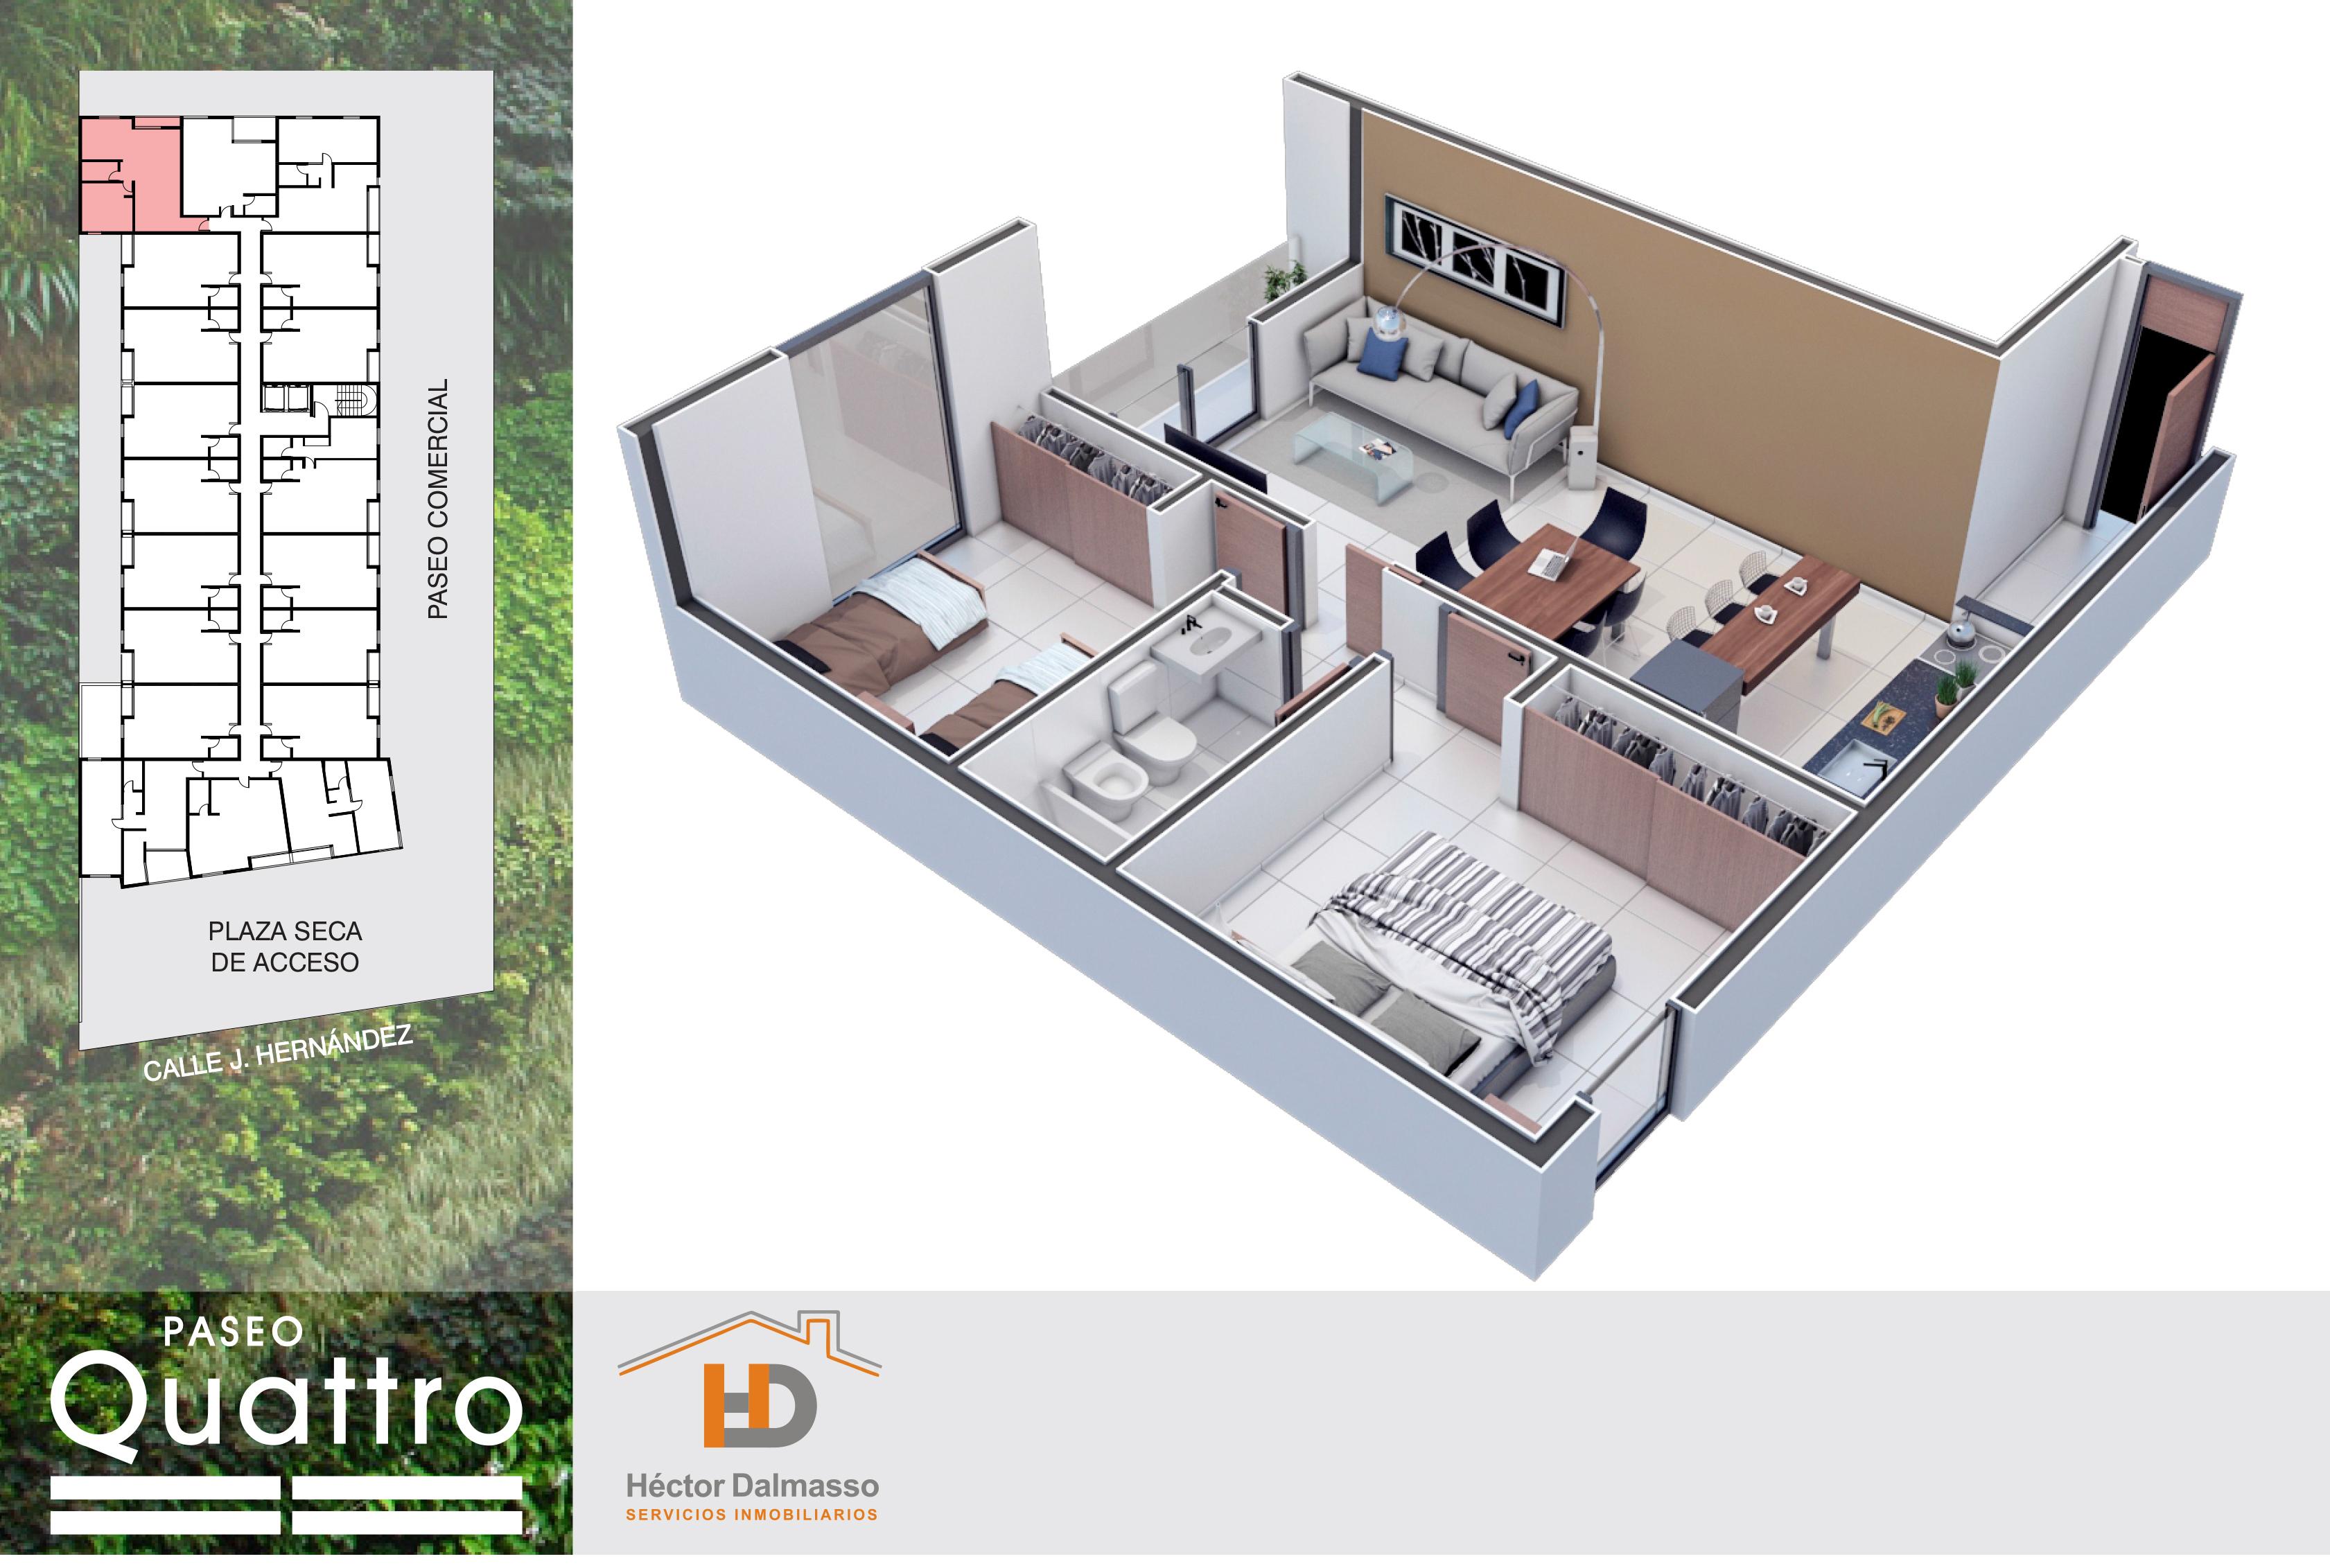 Paseo quattro carlos paz hd inmobiliaria for Gimnasio quatro